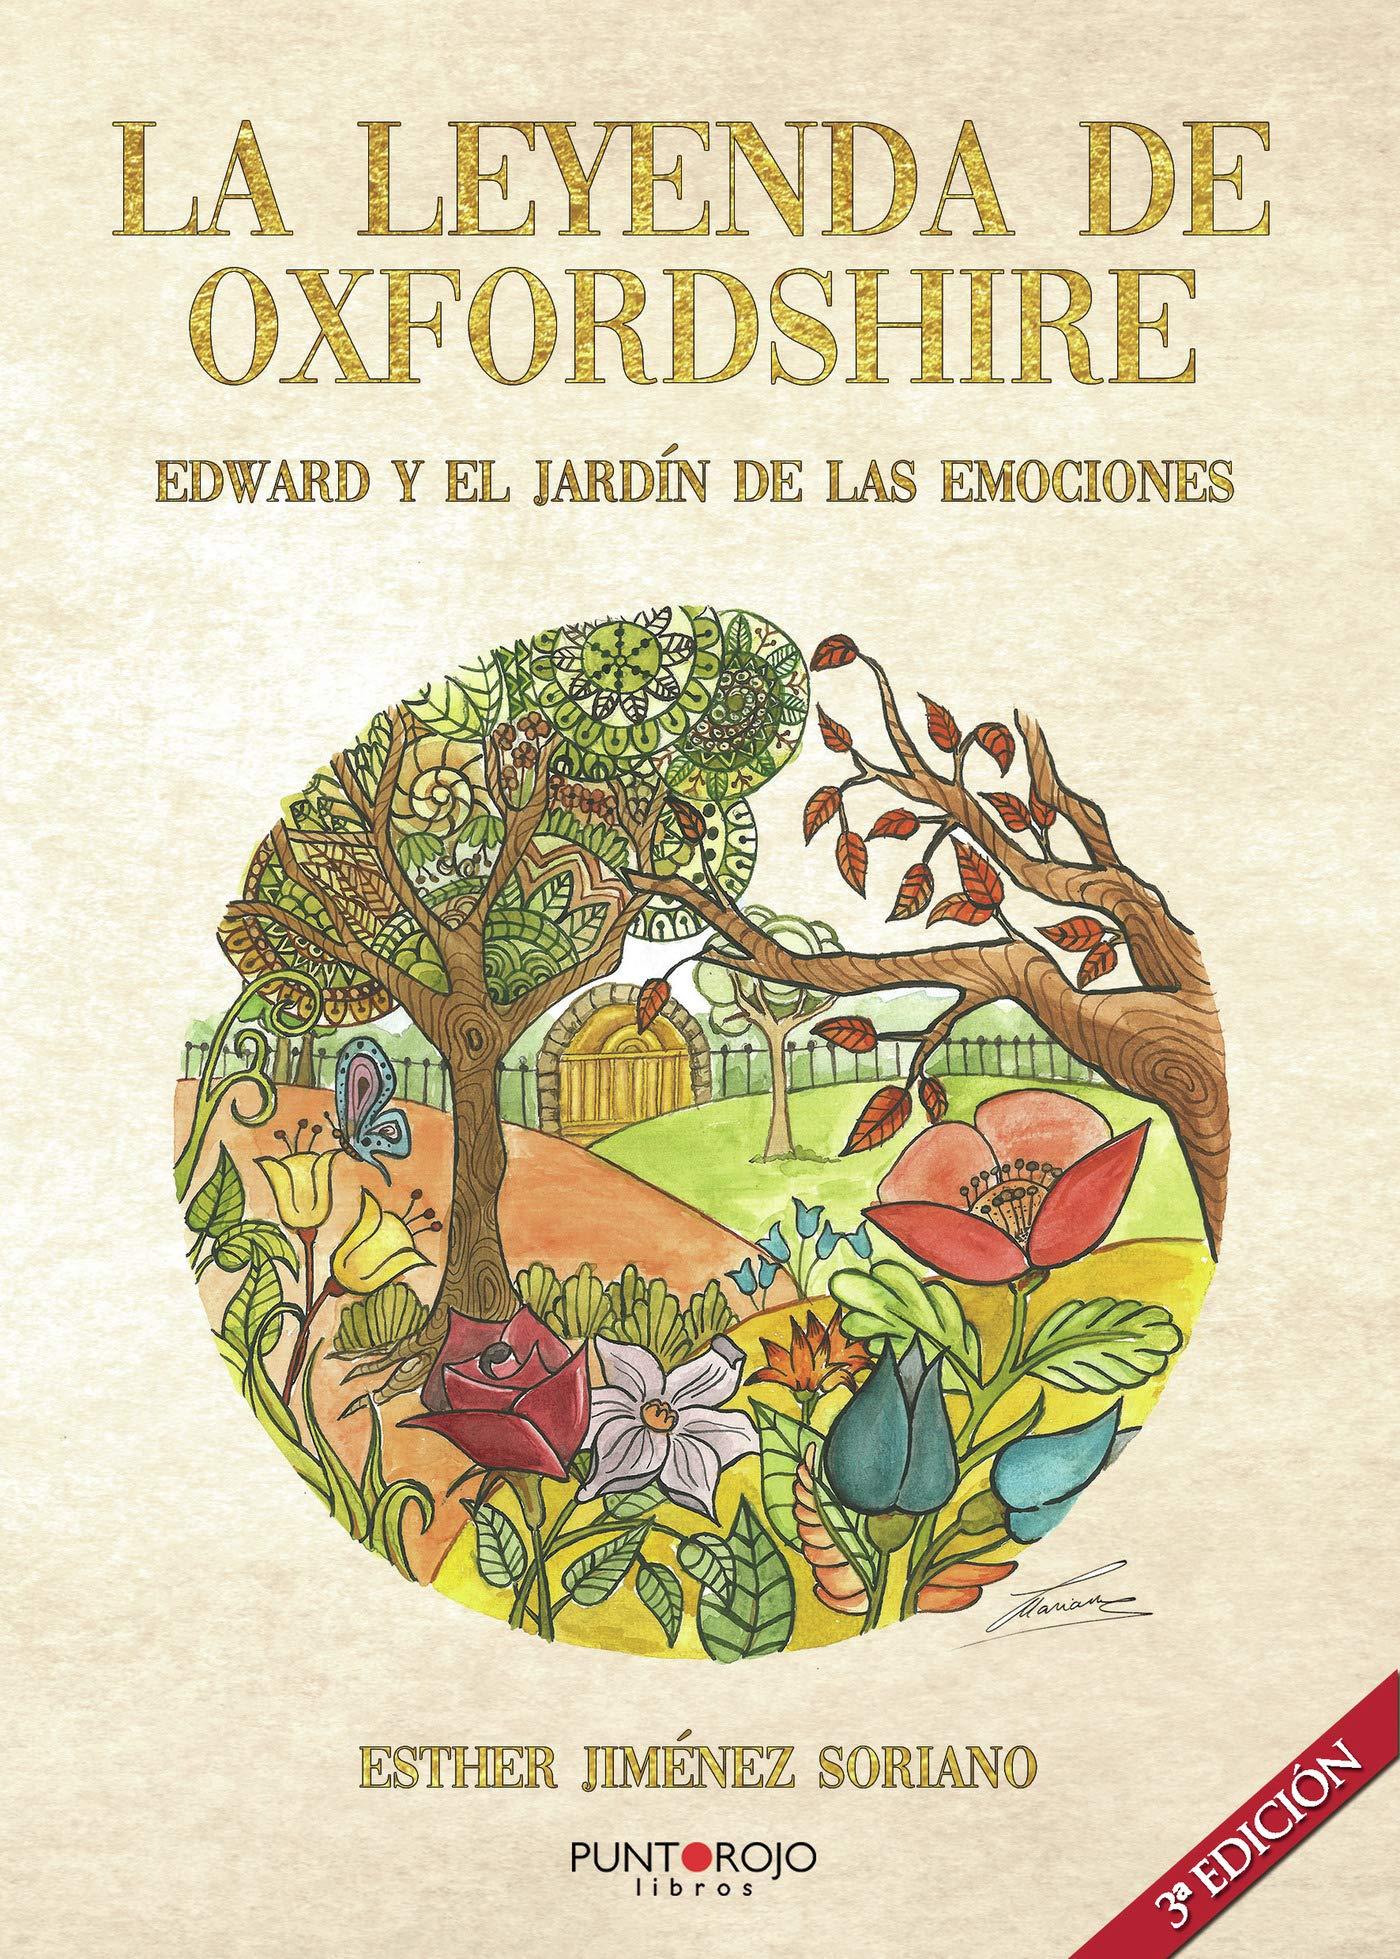 La leyenda de Oxfordshire. Edward y el jardín de las emociones: Amazon.es: Soriano, Esther Jiménez: Libros